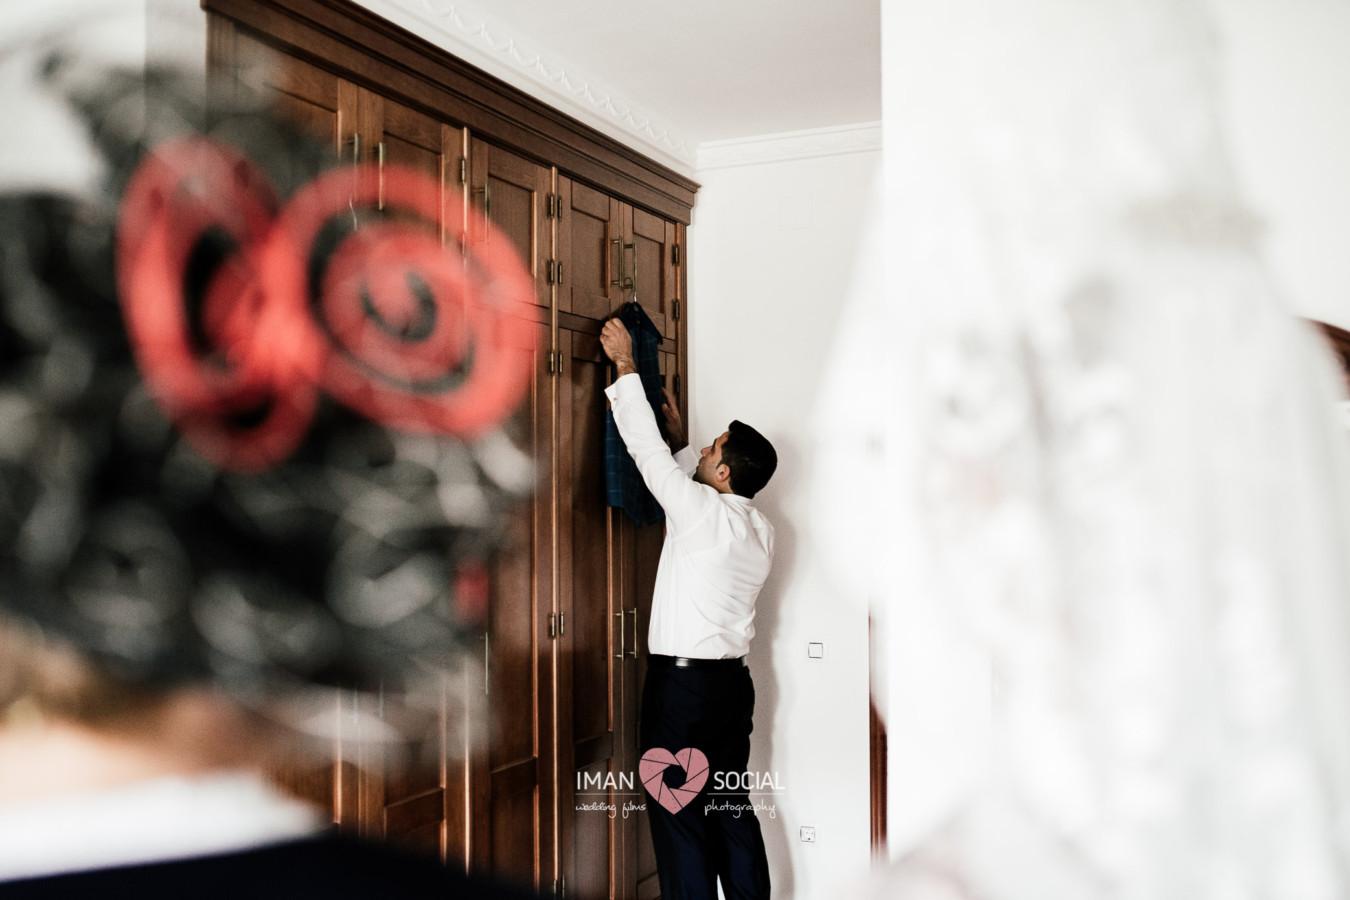 fotografo-de-boda-en-cordoba-sevilla-posadas-boda-auxi-y-antonio-03 Auxi & Antonio, primera boda de la temporada - video boda cordoba